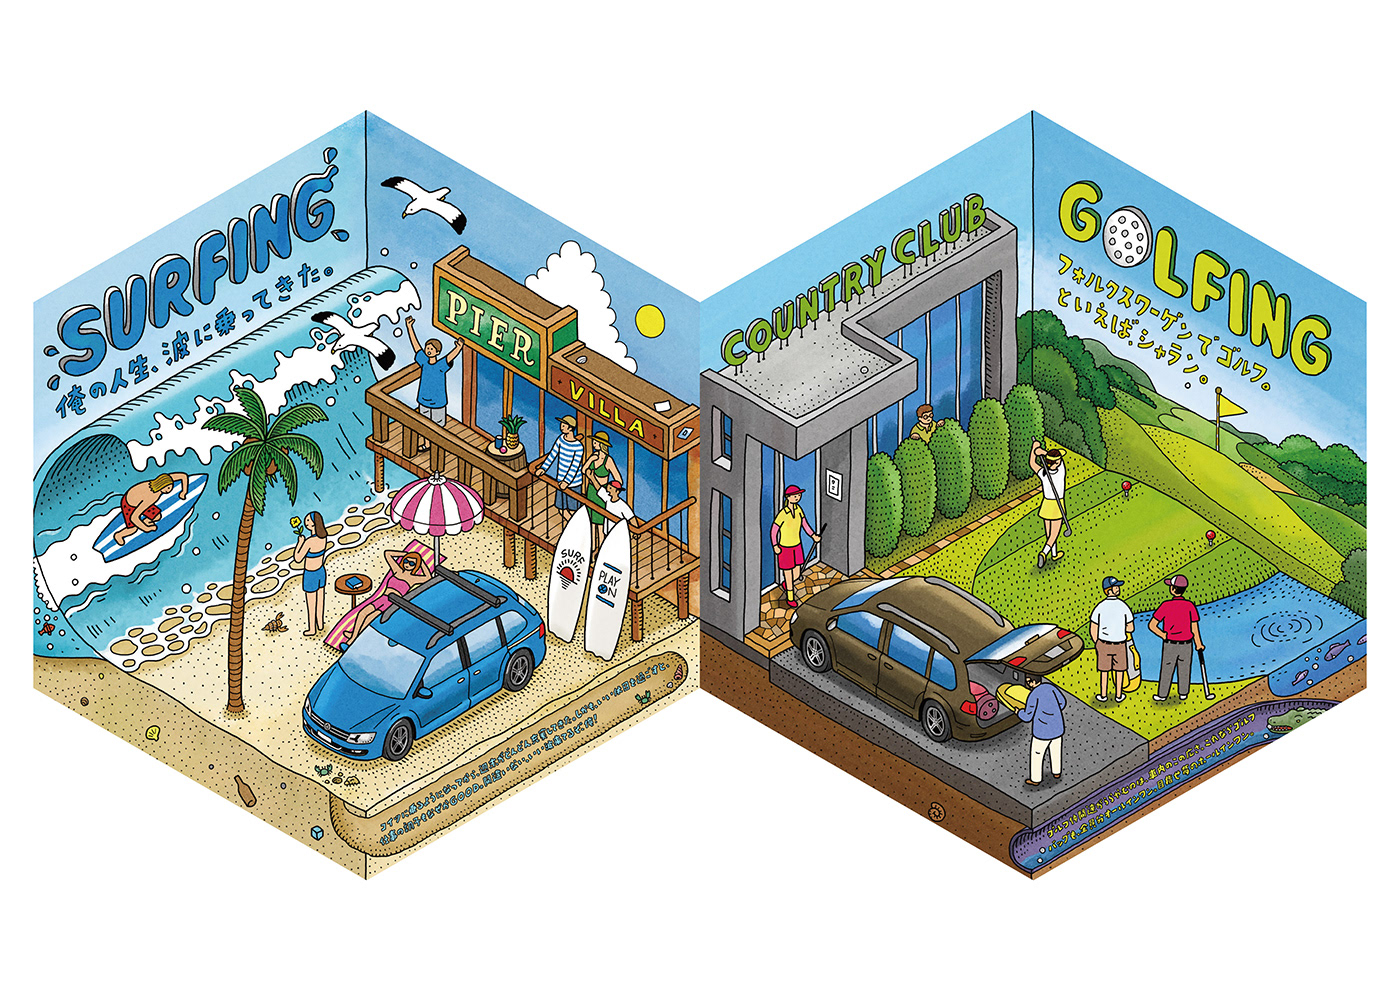 car book volkswagen japan activities Fun Outdoor golf camp fishing